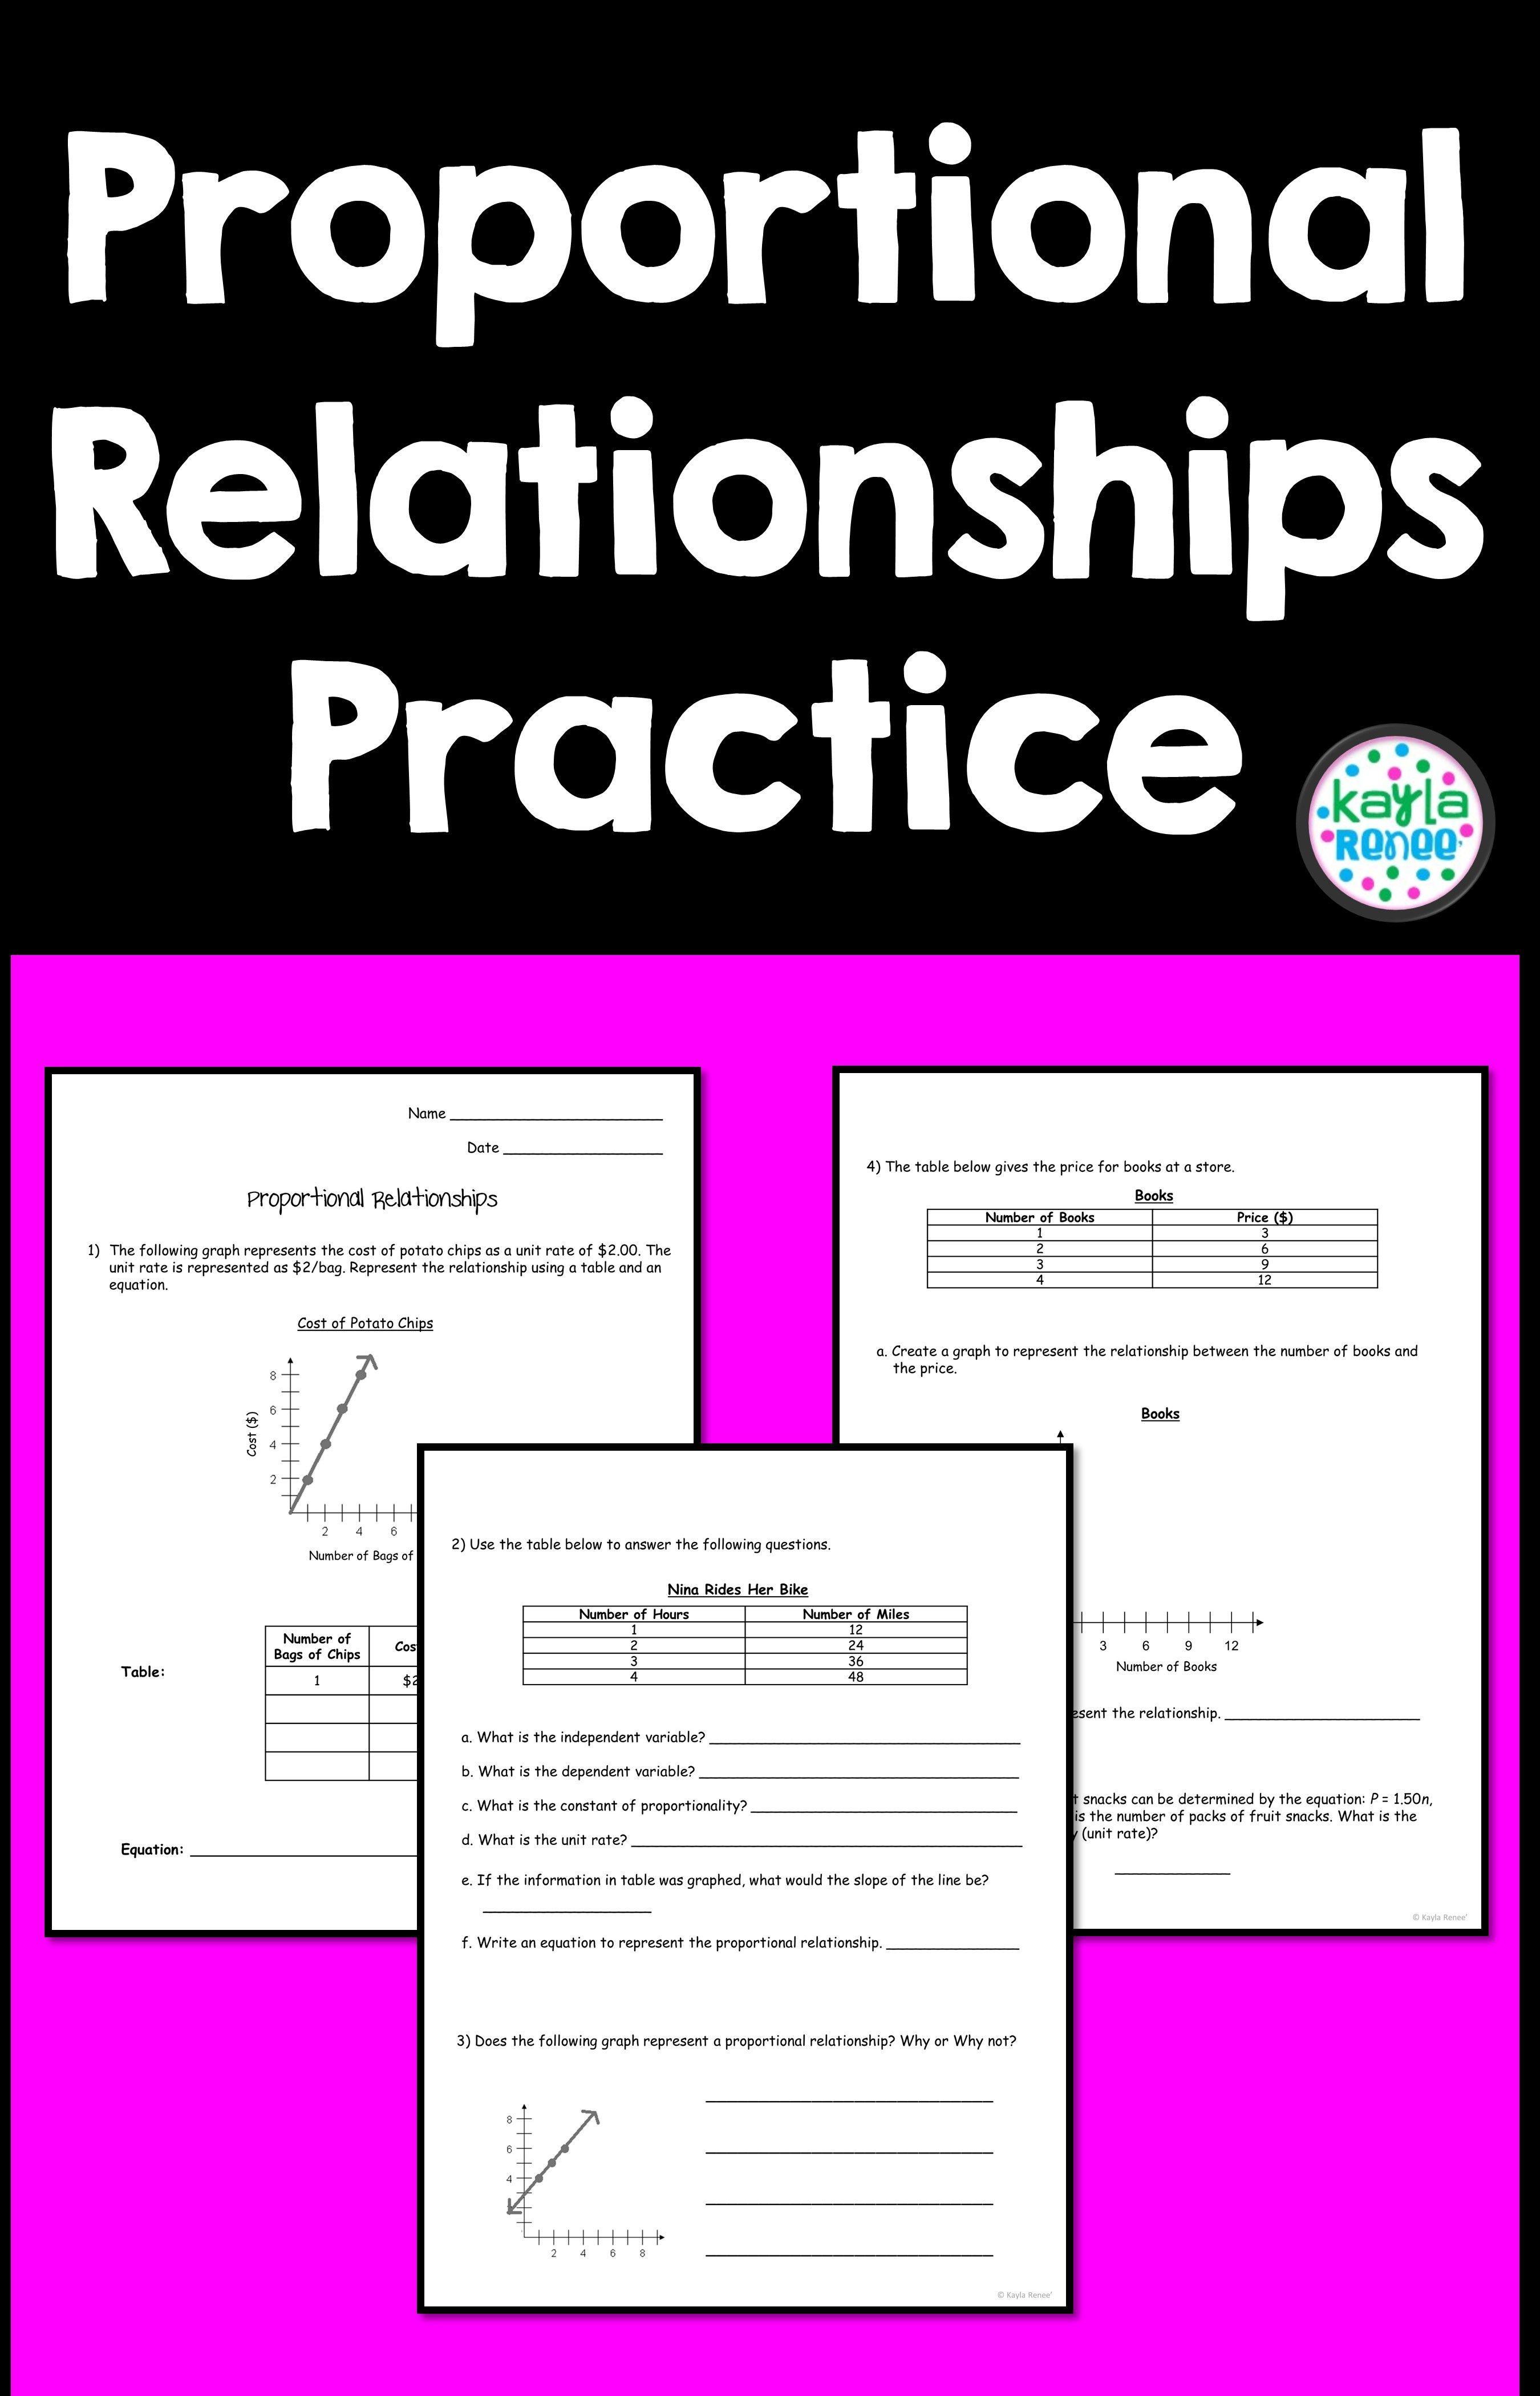 Proportional Relationships Worksheet - 7.RP.2 - Print and Digital    Relationship worksheets [ 4200 x 2700 Pixel ]